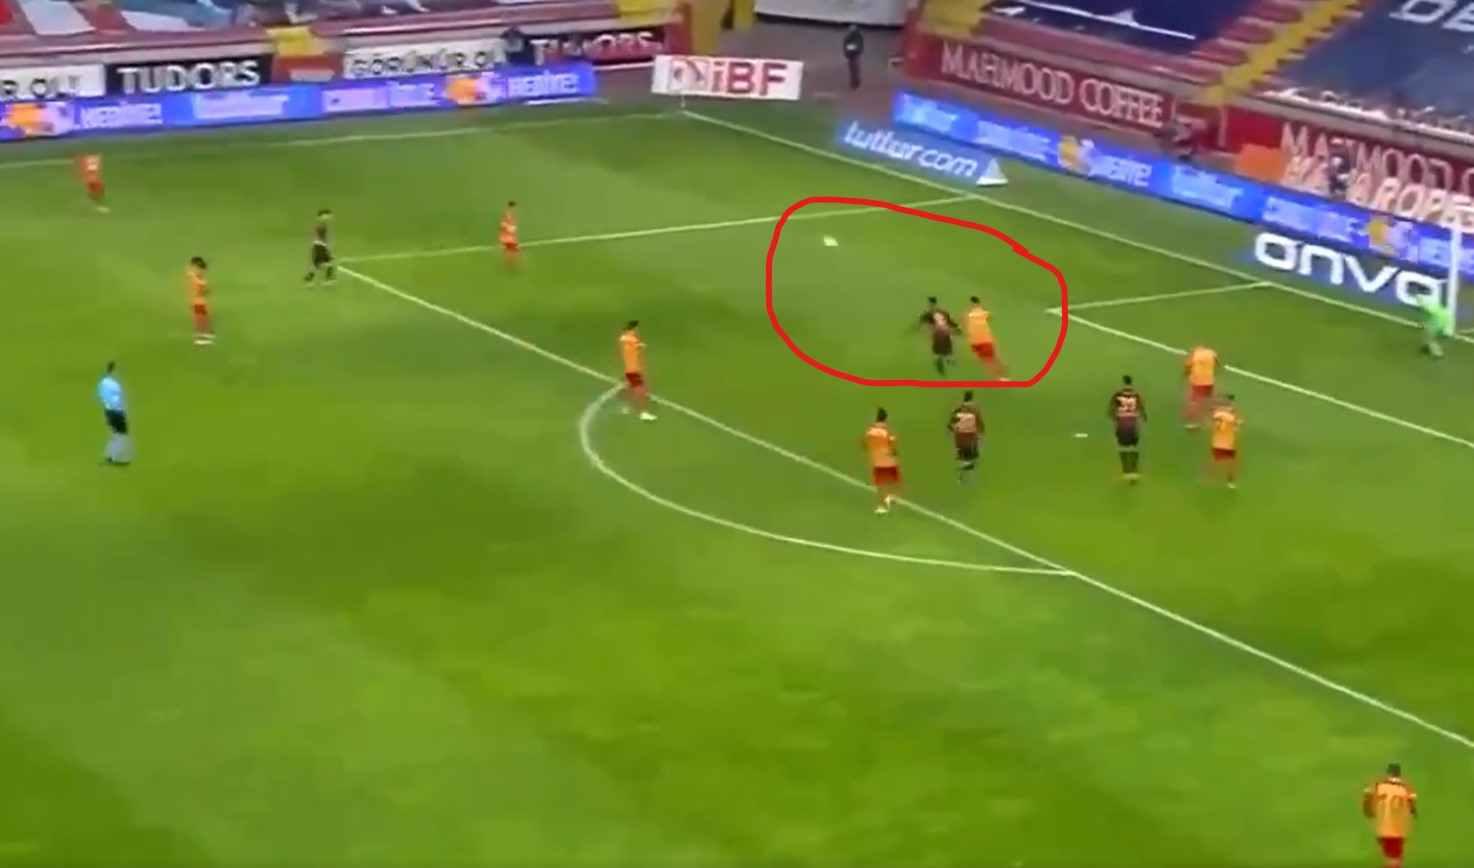 Así definió Falcao contra Kayserispor. ¡Categoría!